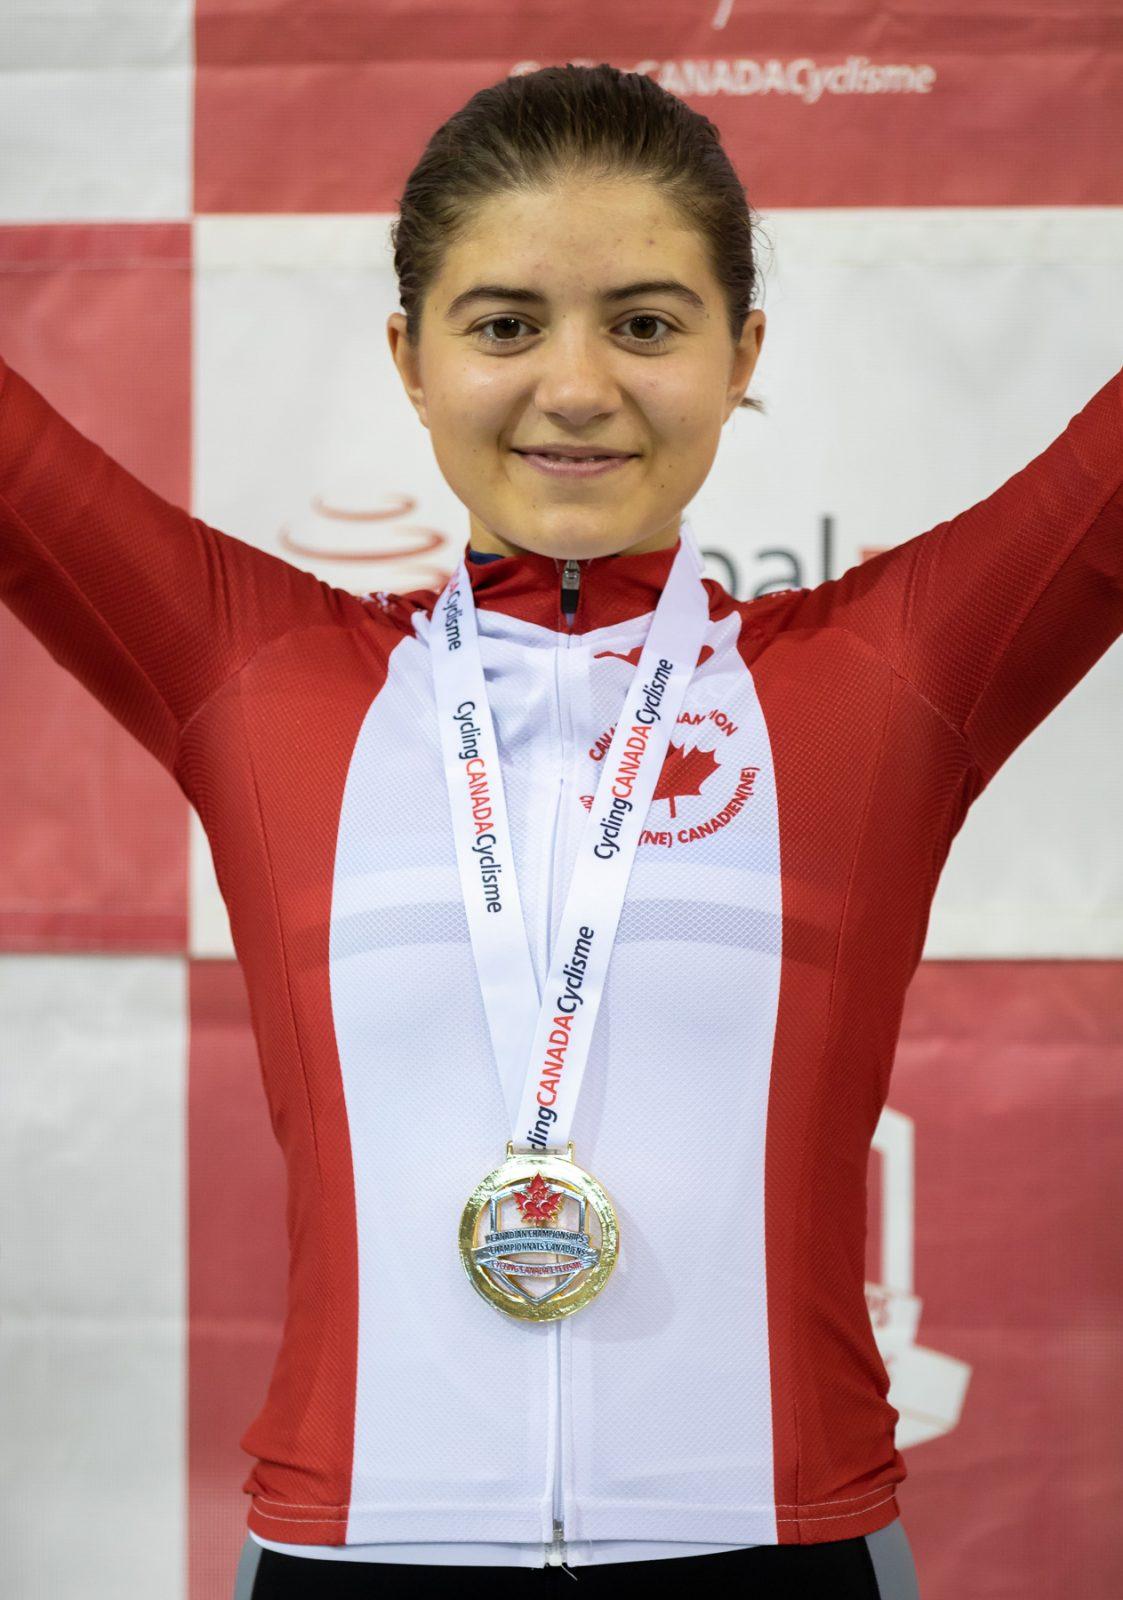 Iris Gabelier couronnée vice-championne québécoise de cyclisme sur piste